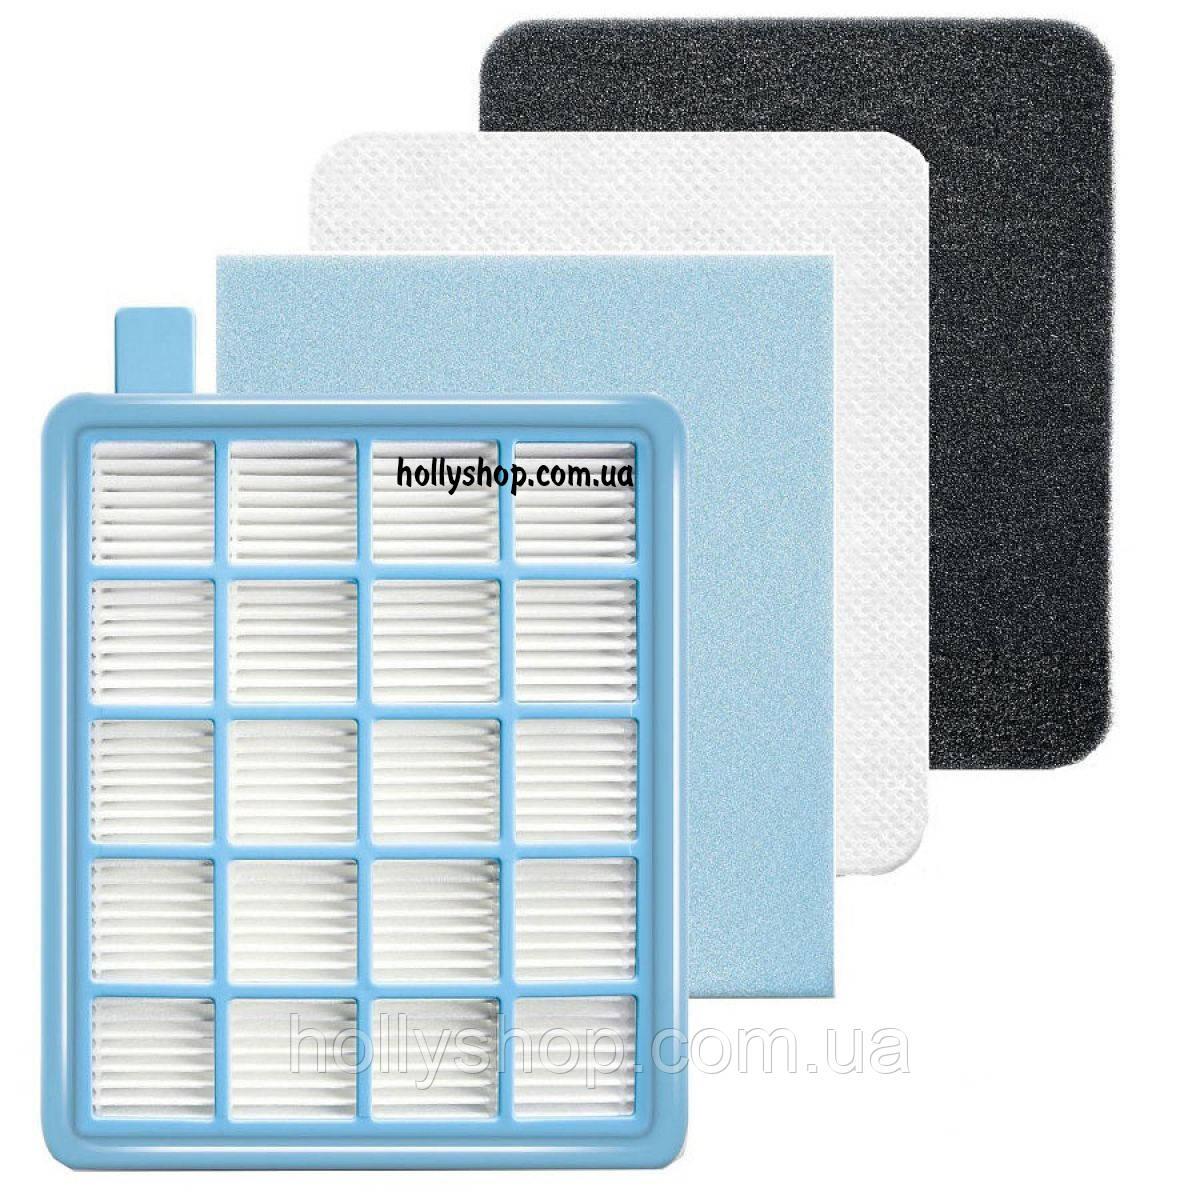 Комплект хепа фильтров для пылесоса Philips FC8474 FC8471 hepa нера - фото 1